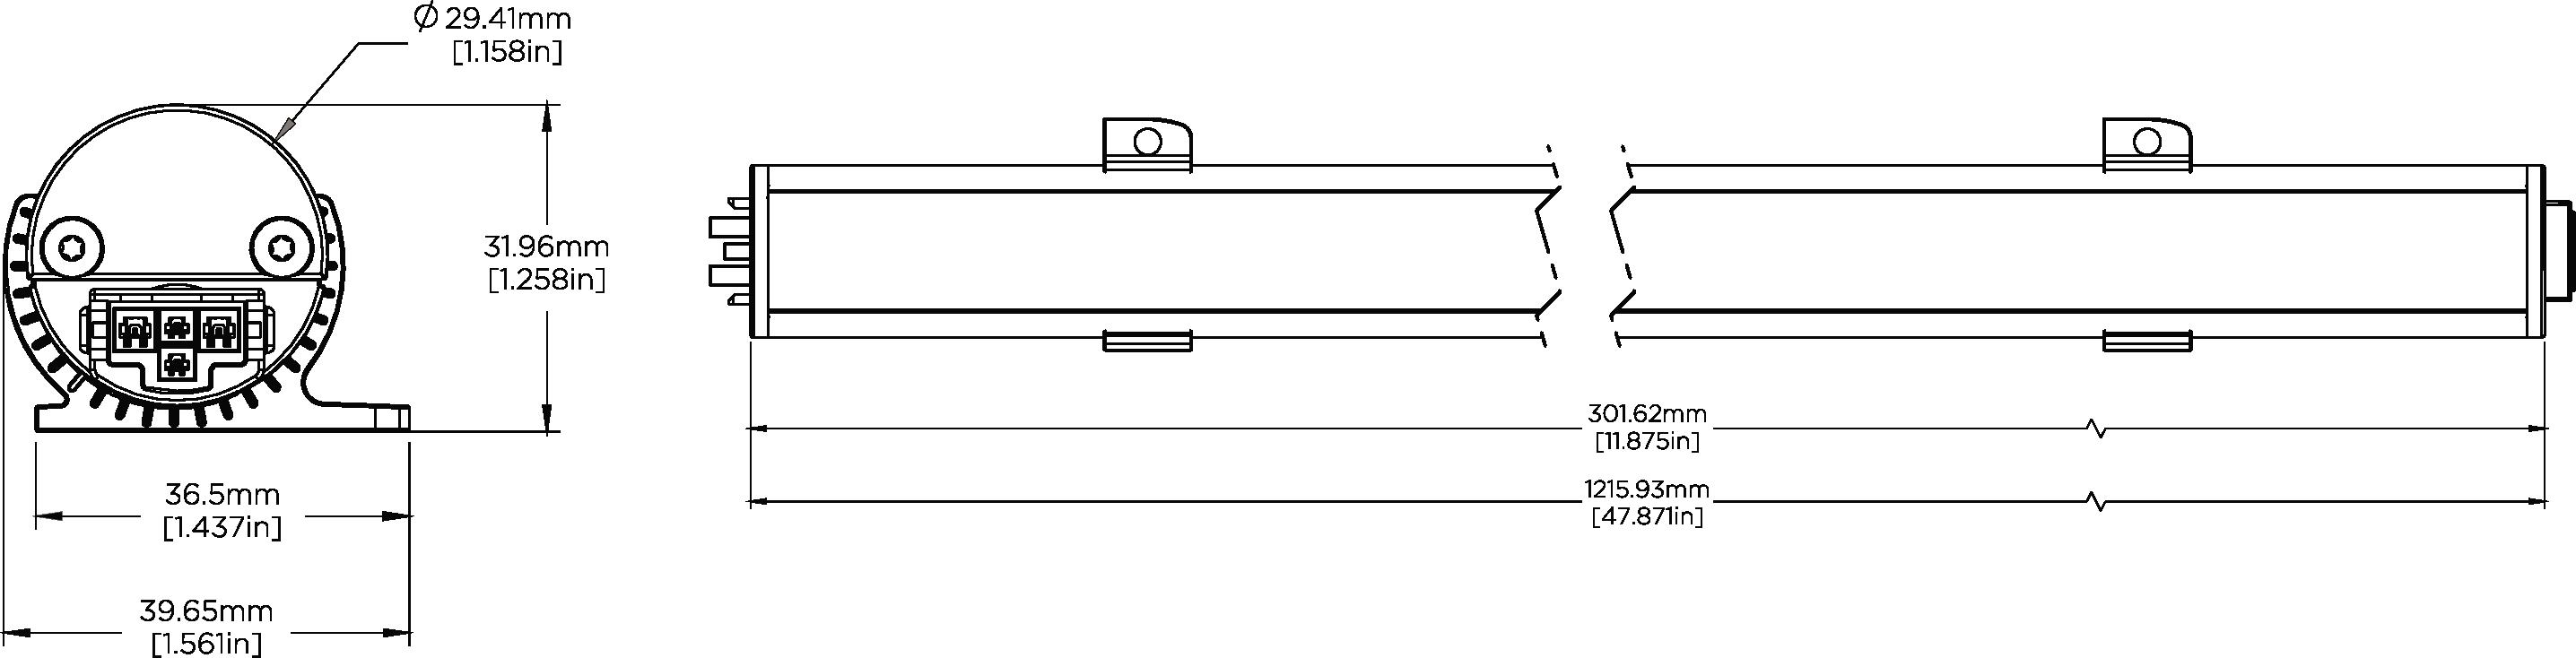 TROV Slim Line Drawings